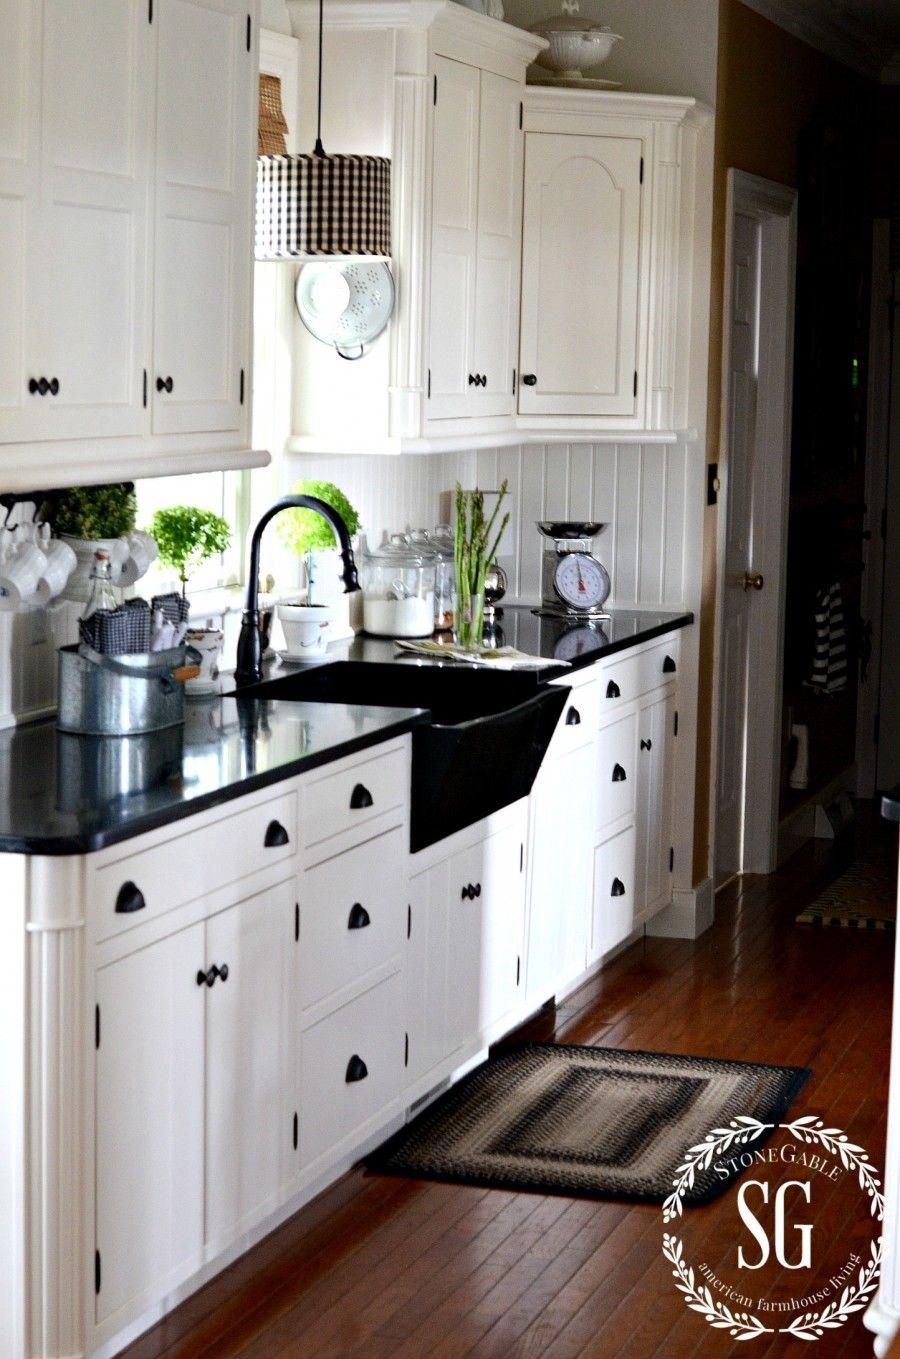 farmhouse kitchen white farmhouse kitchens farmhouse kitchen decor kitchen design on farmhouse kitchen black and white id=48428